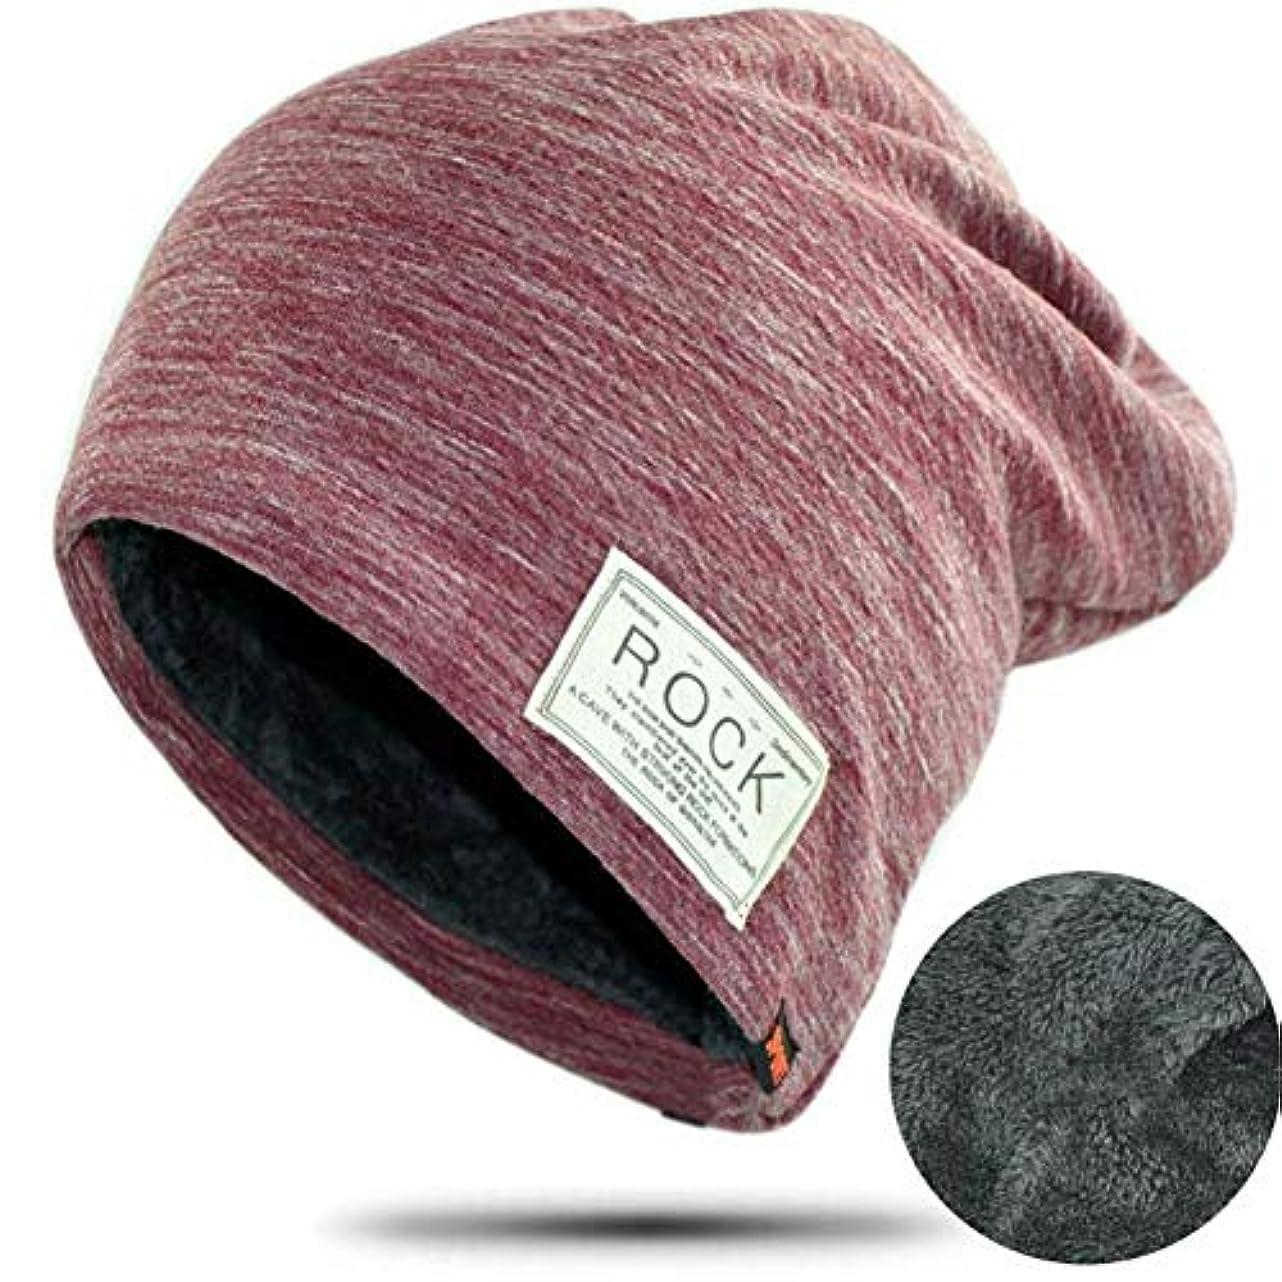 毎年滞在所持DishyKooker ビーニャ帽 ファッションユニセックスダブルレイヤーヒップホップ冬の